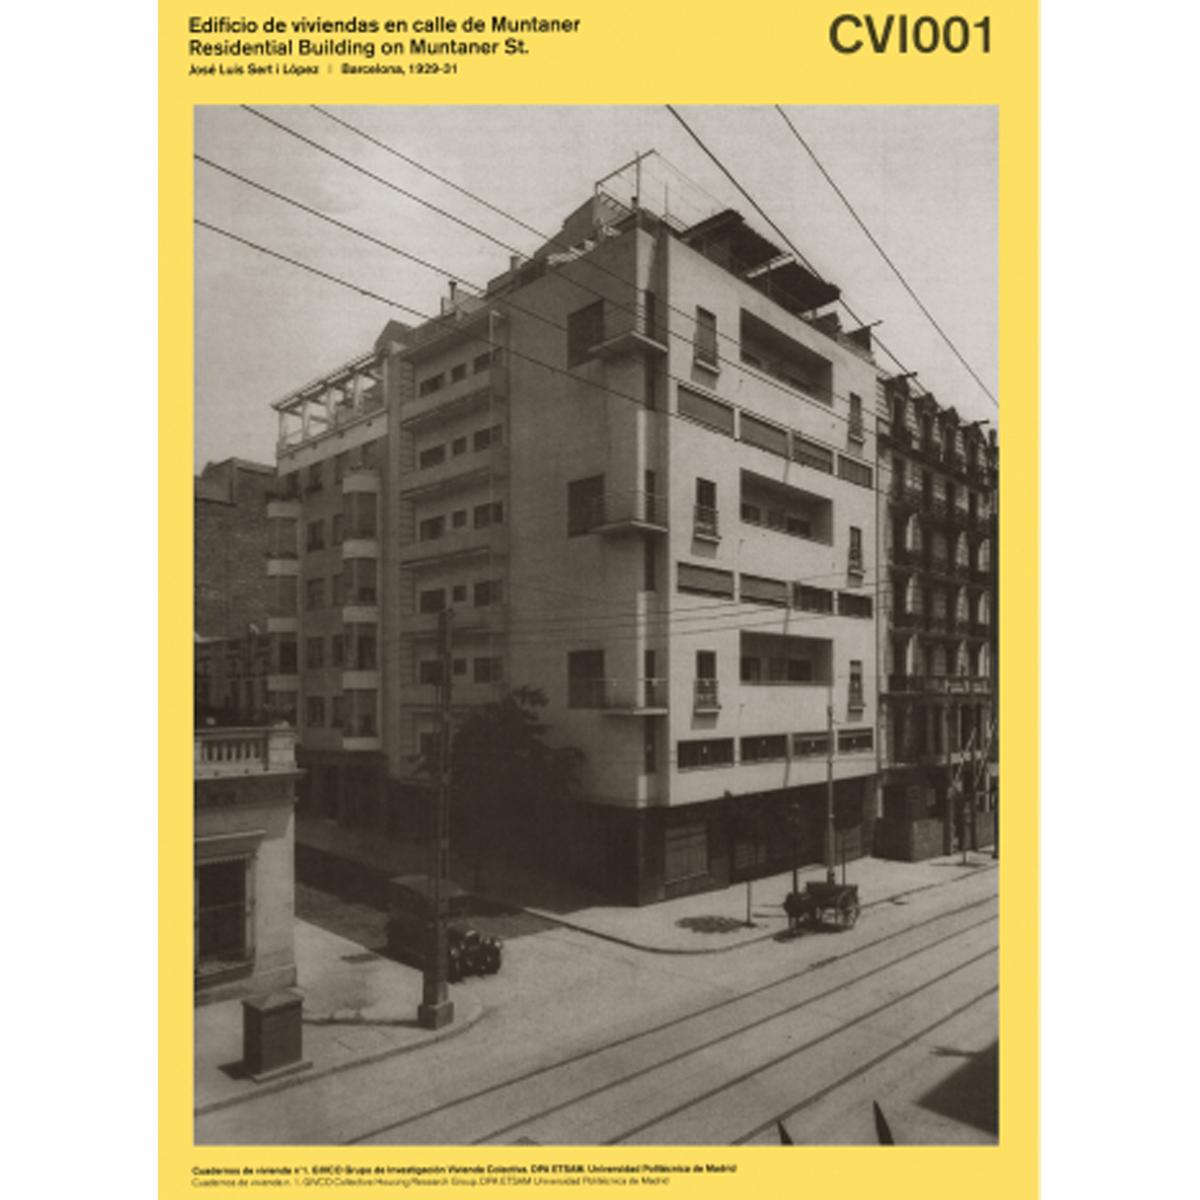 Cuadernos de vivienda: Residential Building on Muntaner St.